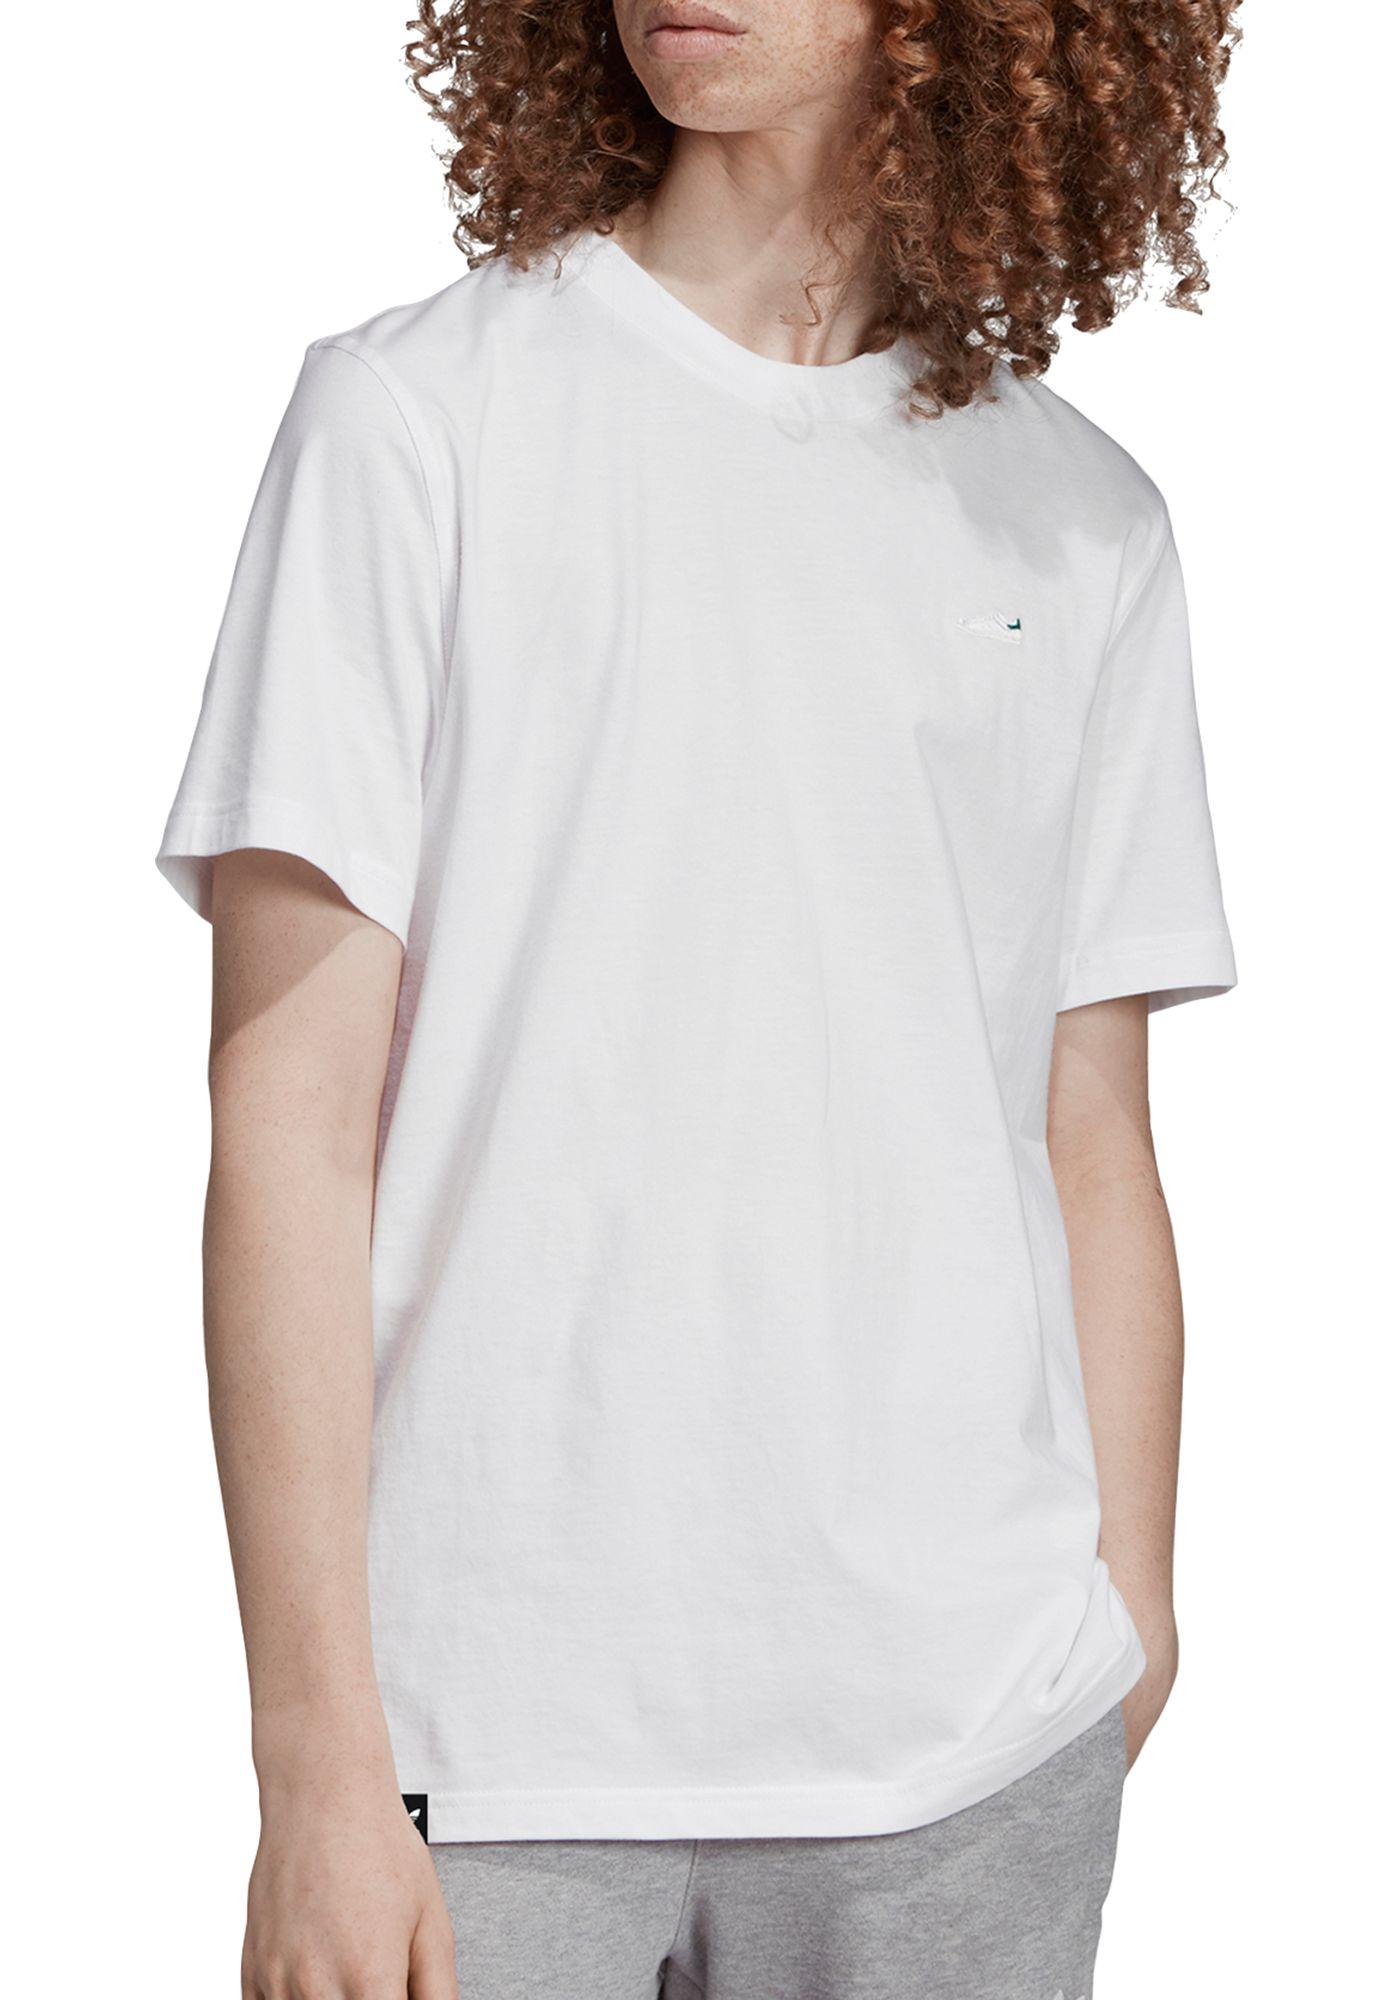 adidas Originals Men's Mini Embroidery T-Shirt